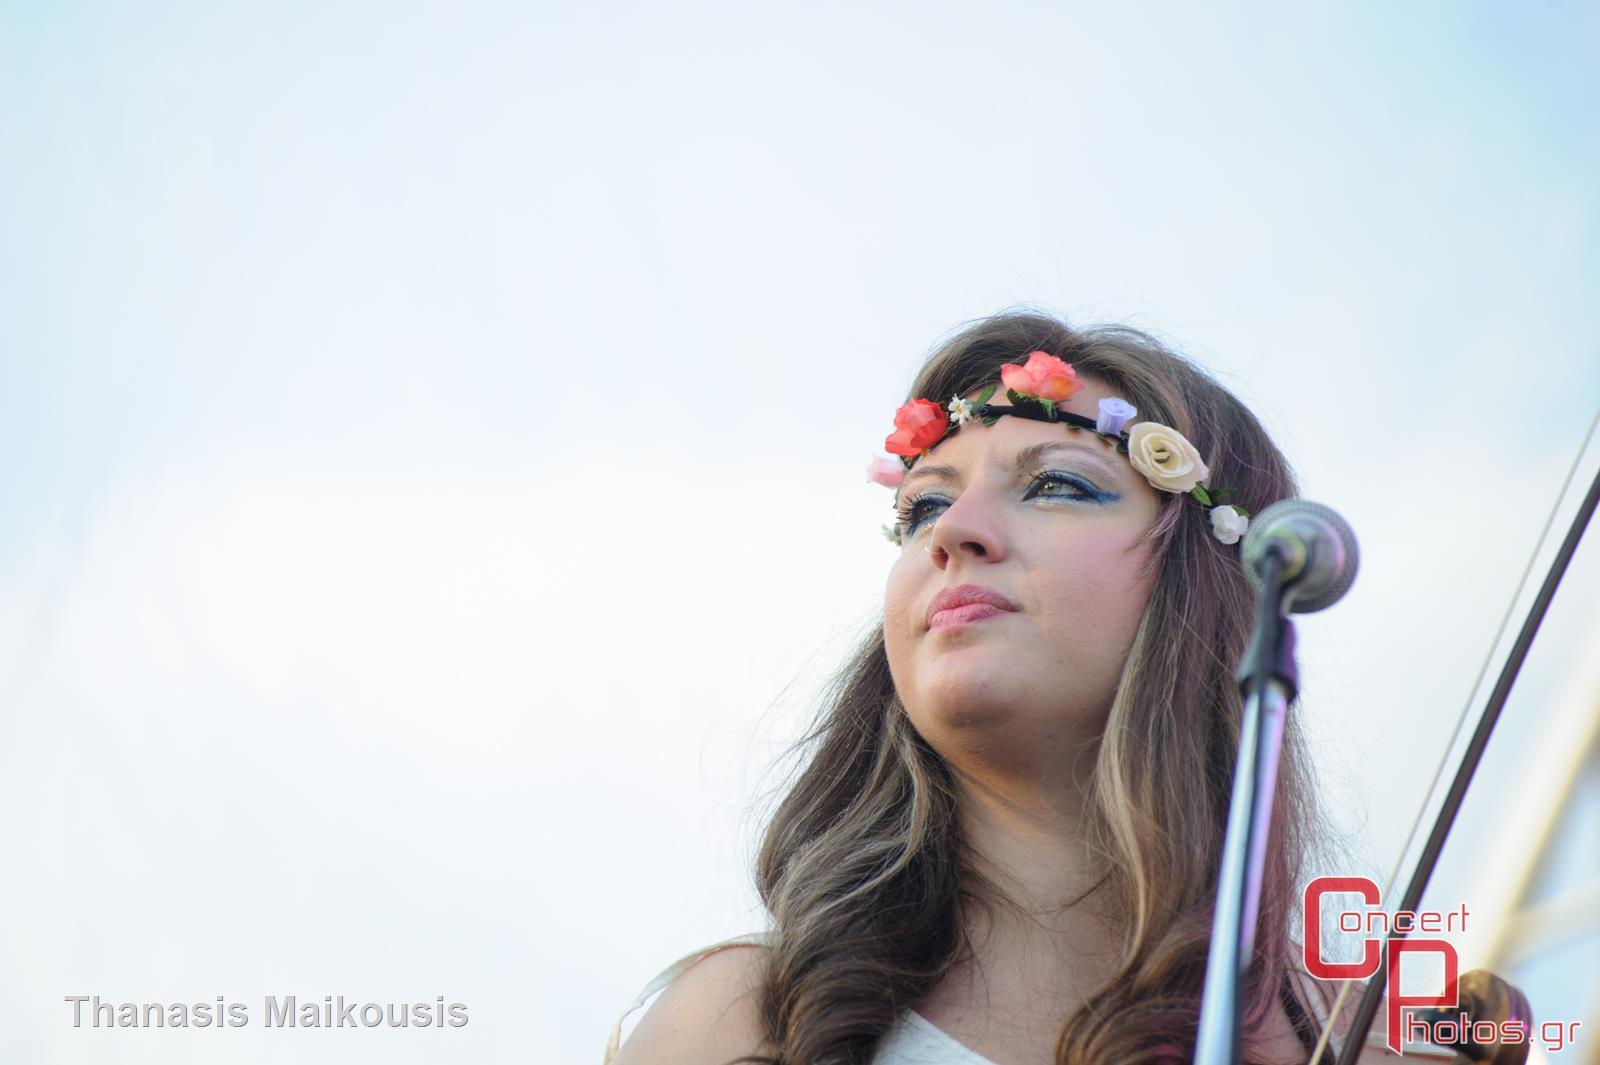 En Lefko 2014-En Lefko 2014 photographer: Thanasis Maikousis - concertphotos_20140621_19_58_34